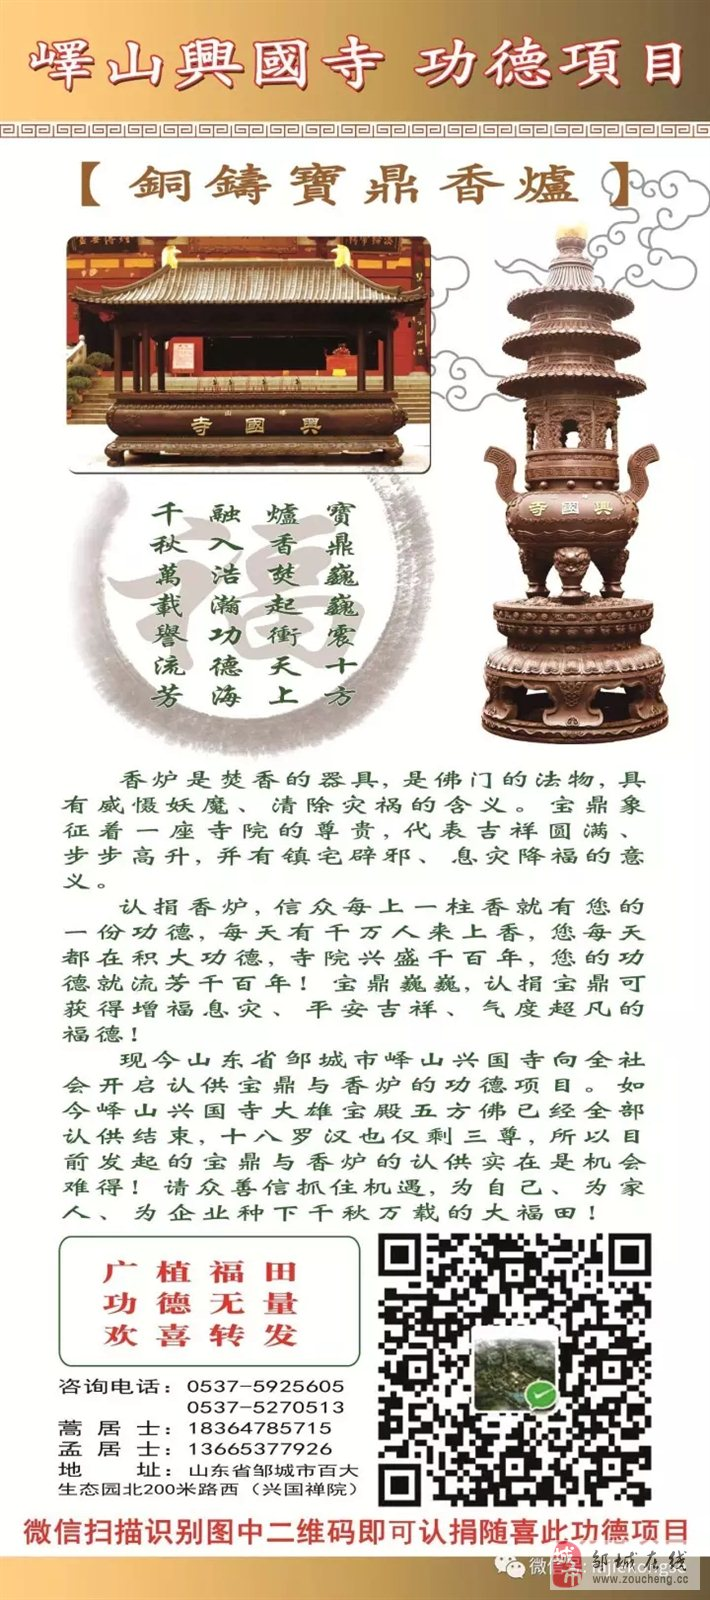 佛教与中秋的渊源